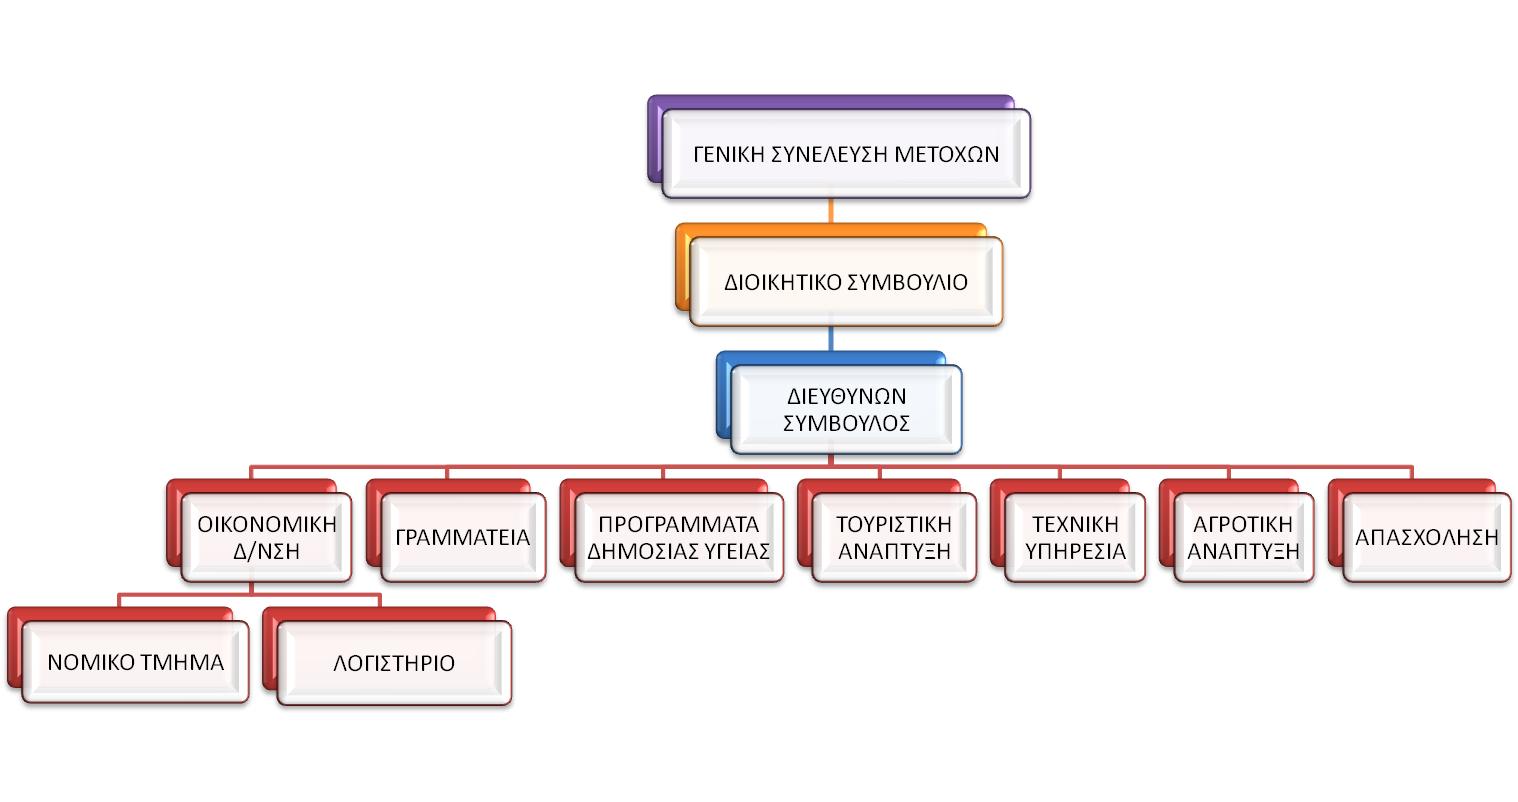 Οργανόγραμμα λειτουργίας Πελοπόννησος Α.Ε.